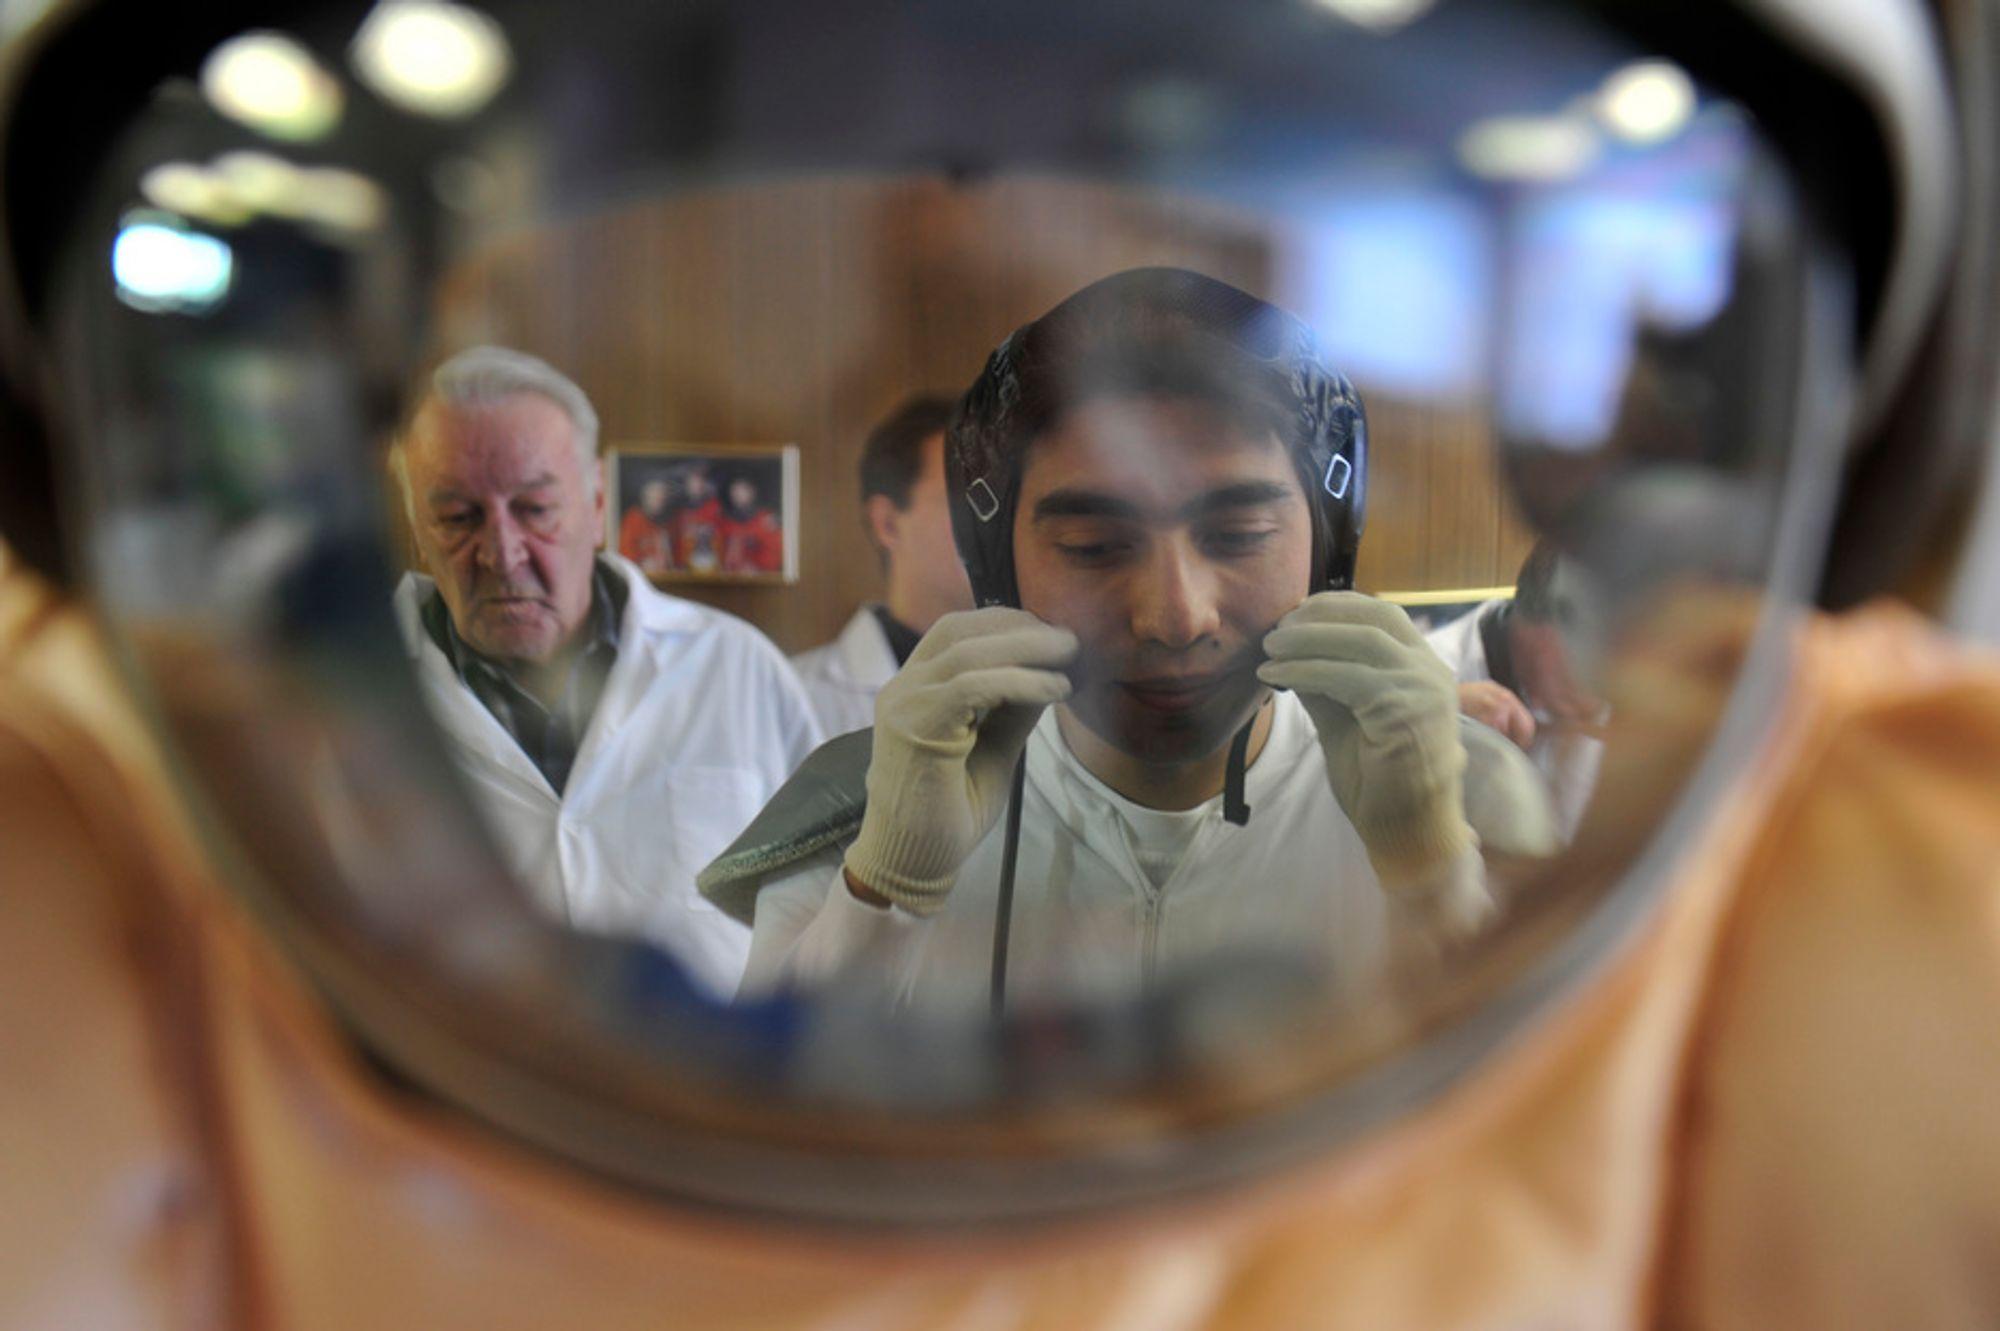 SIMULERING: ESAs testperson Diego Urbina tester en av romdraktene til bruk under simulert landing på Mars-overflaten.